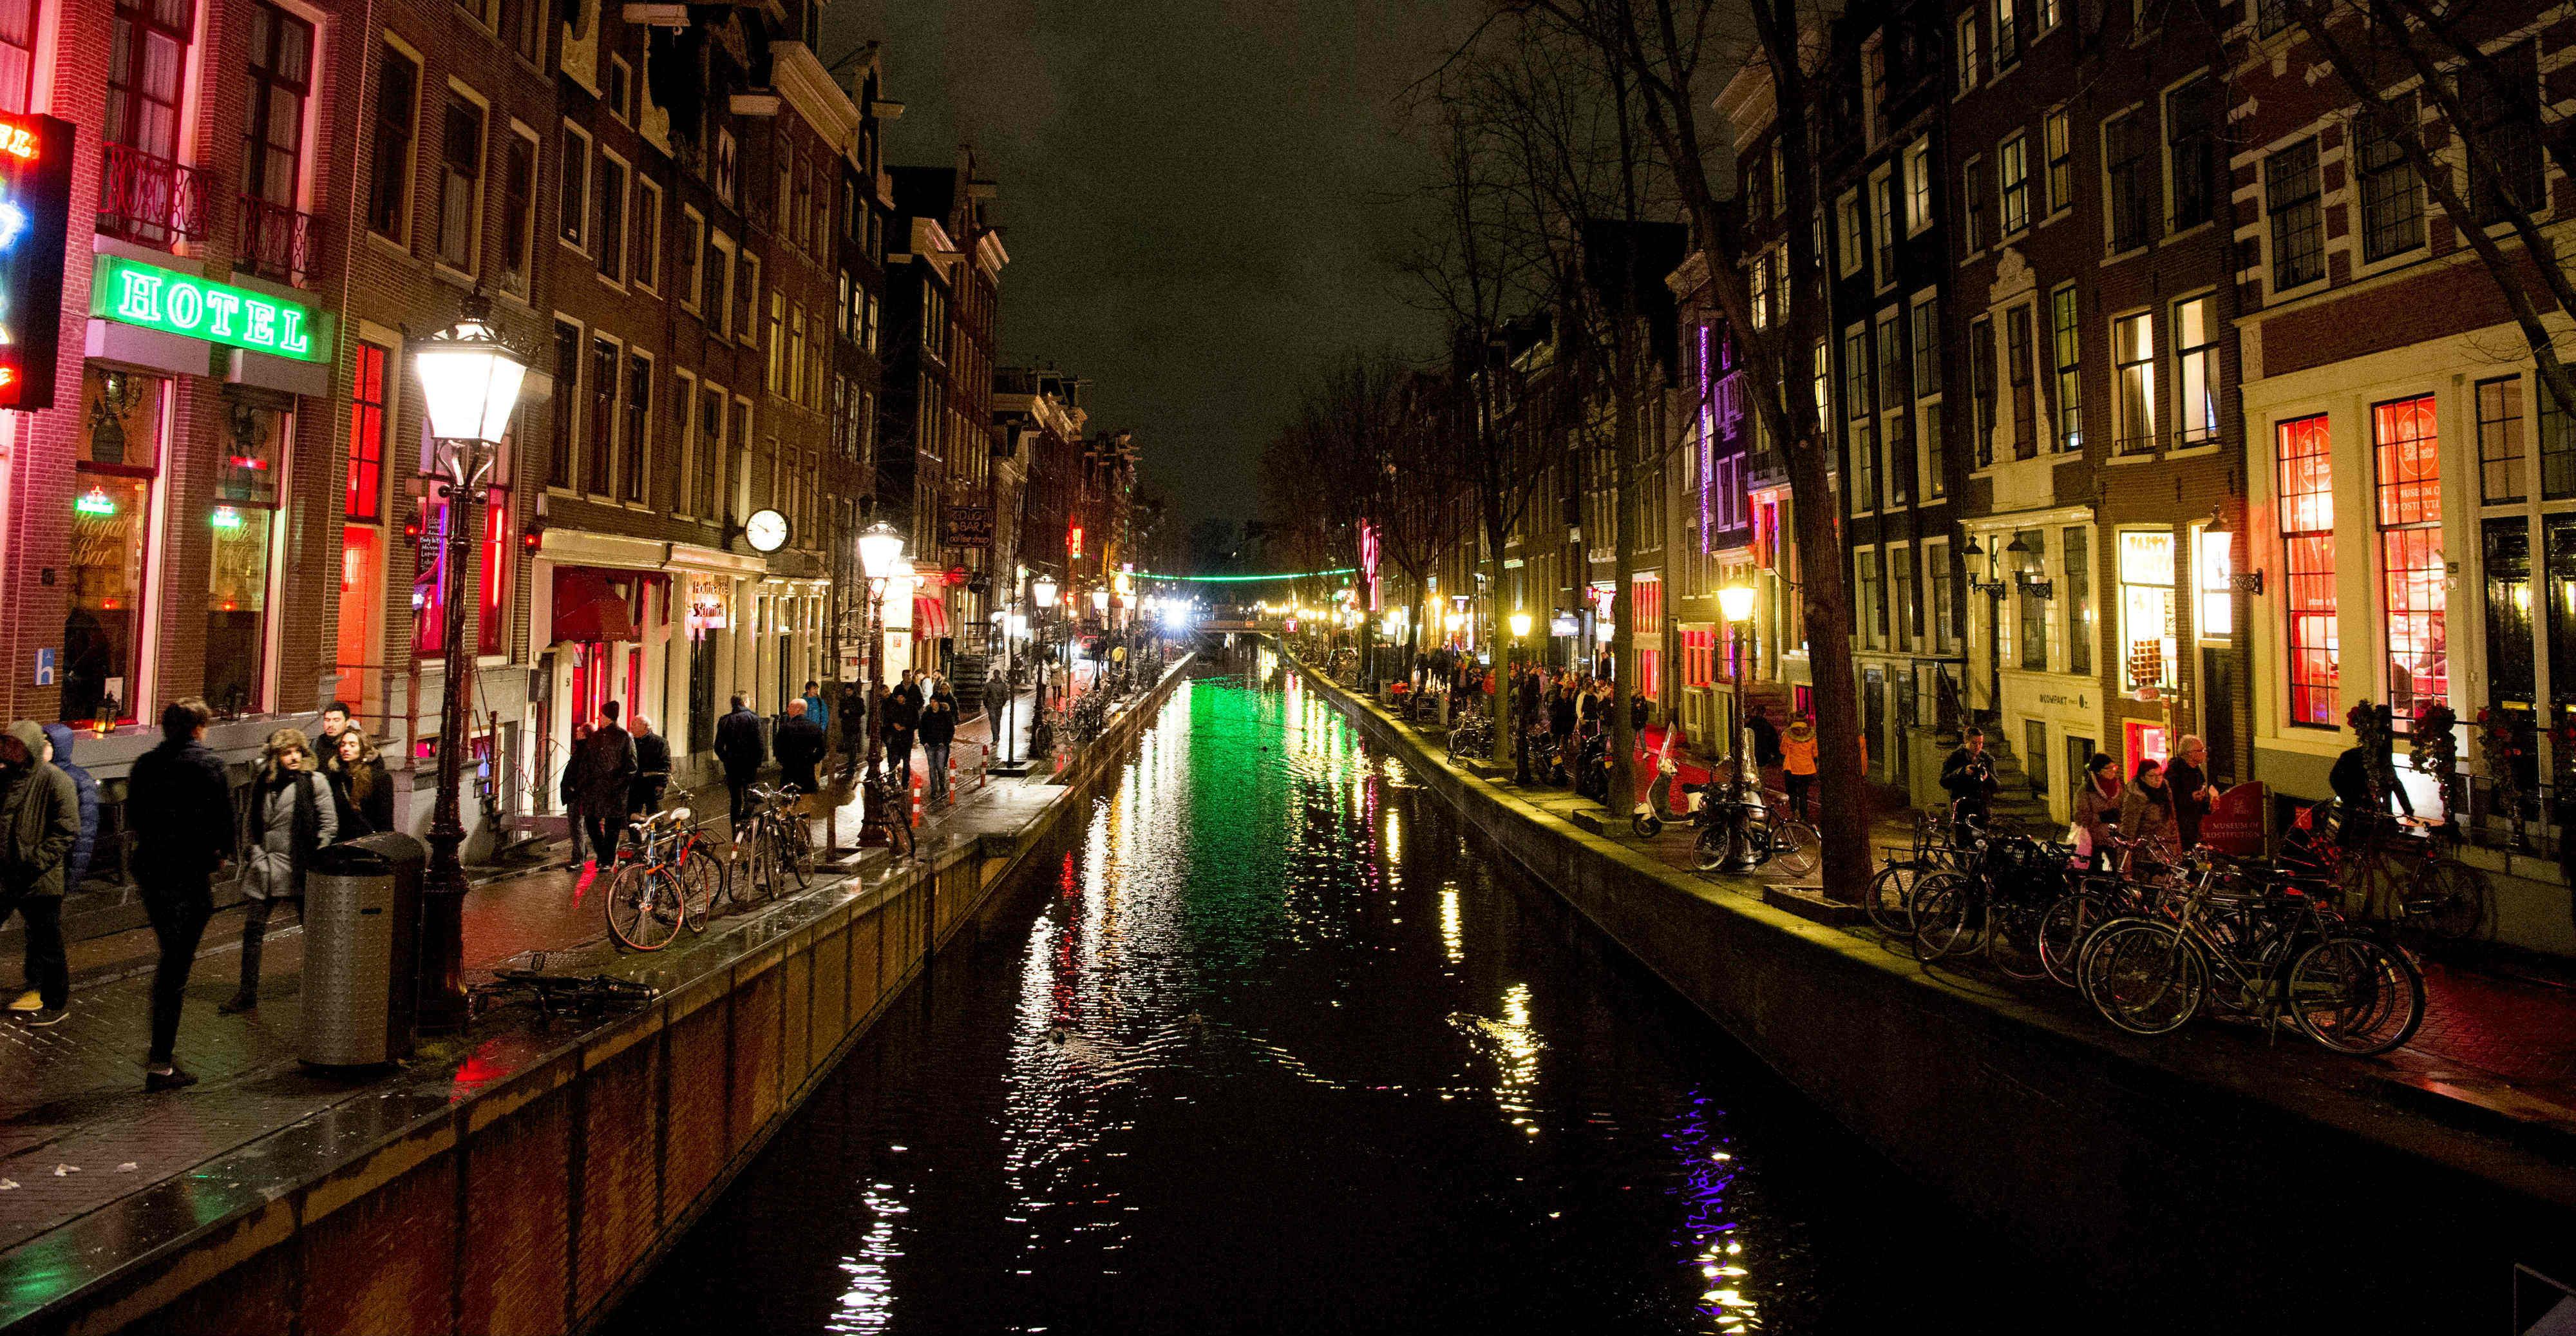 Afbeelding bij onderzoek Project 1012. Nachtfoto van een gracht in het wallengebied in Amsterdam